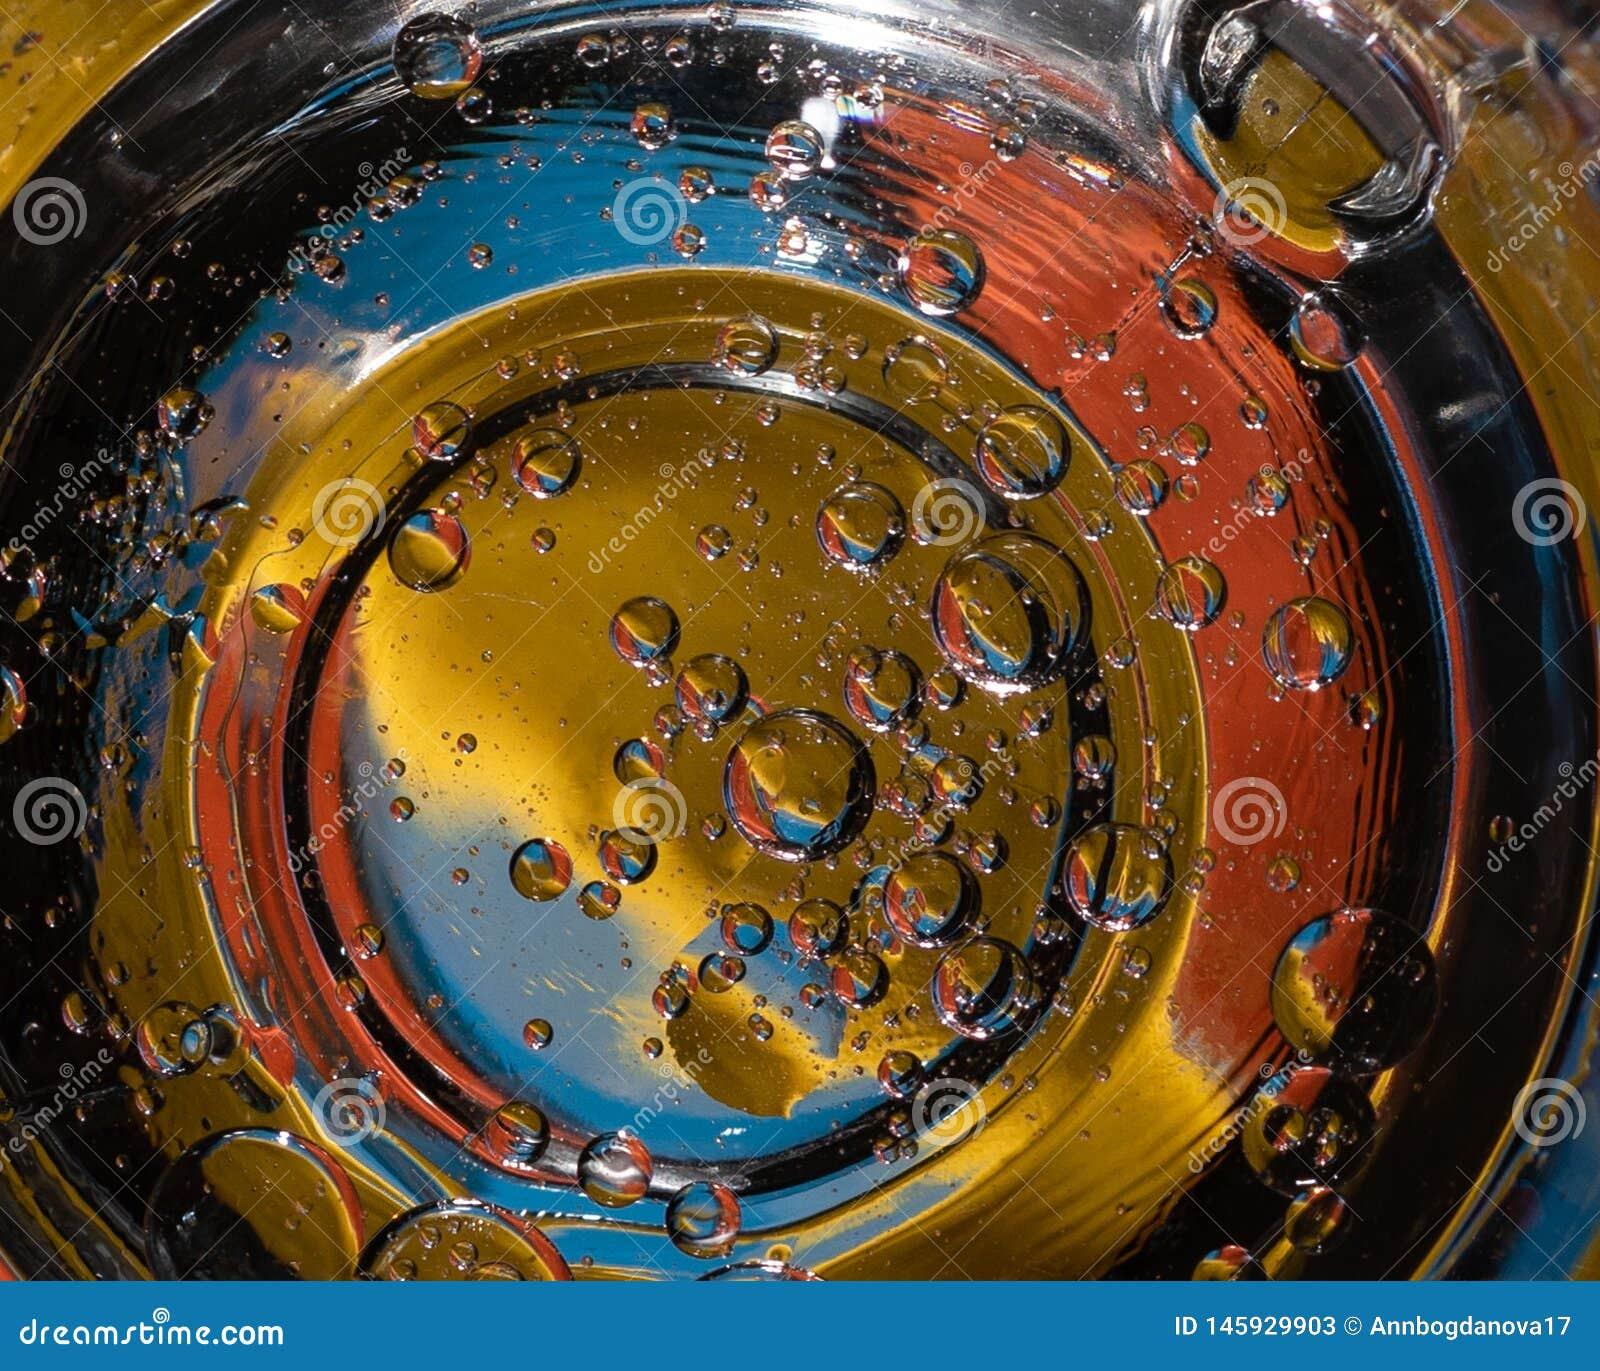 Abstracte kleurrijke bellenachtergrond die op planeten in het heelal lijken